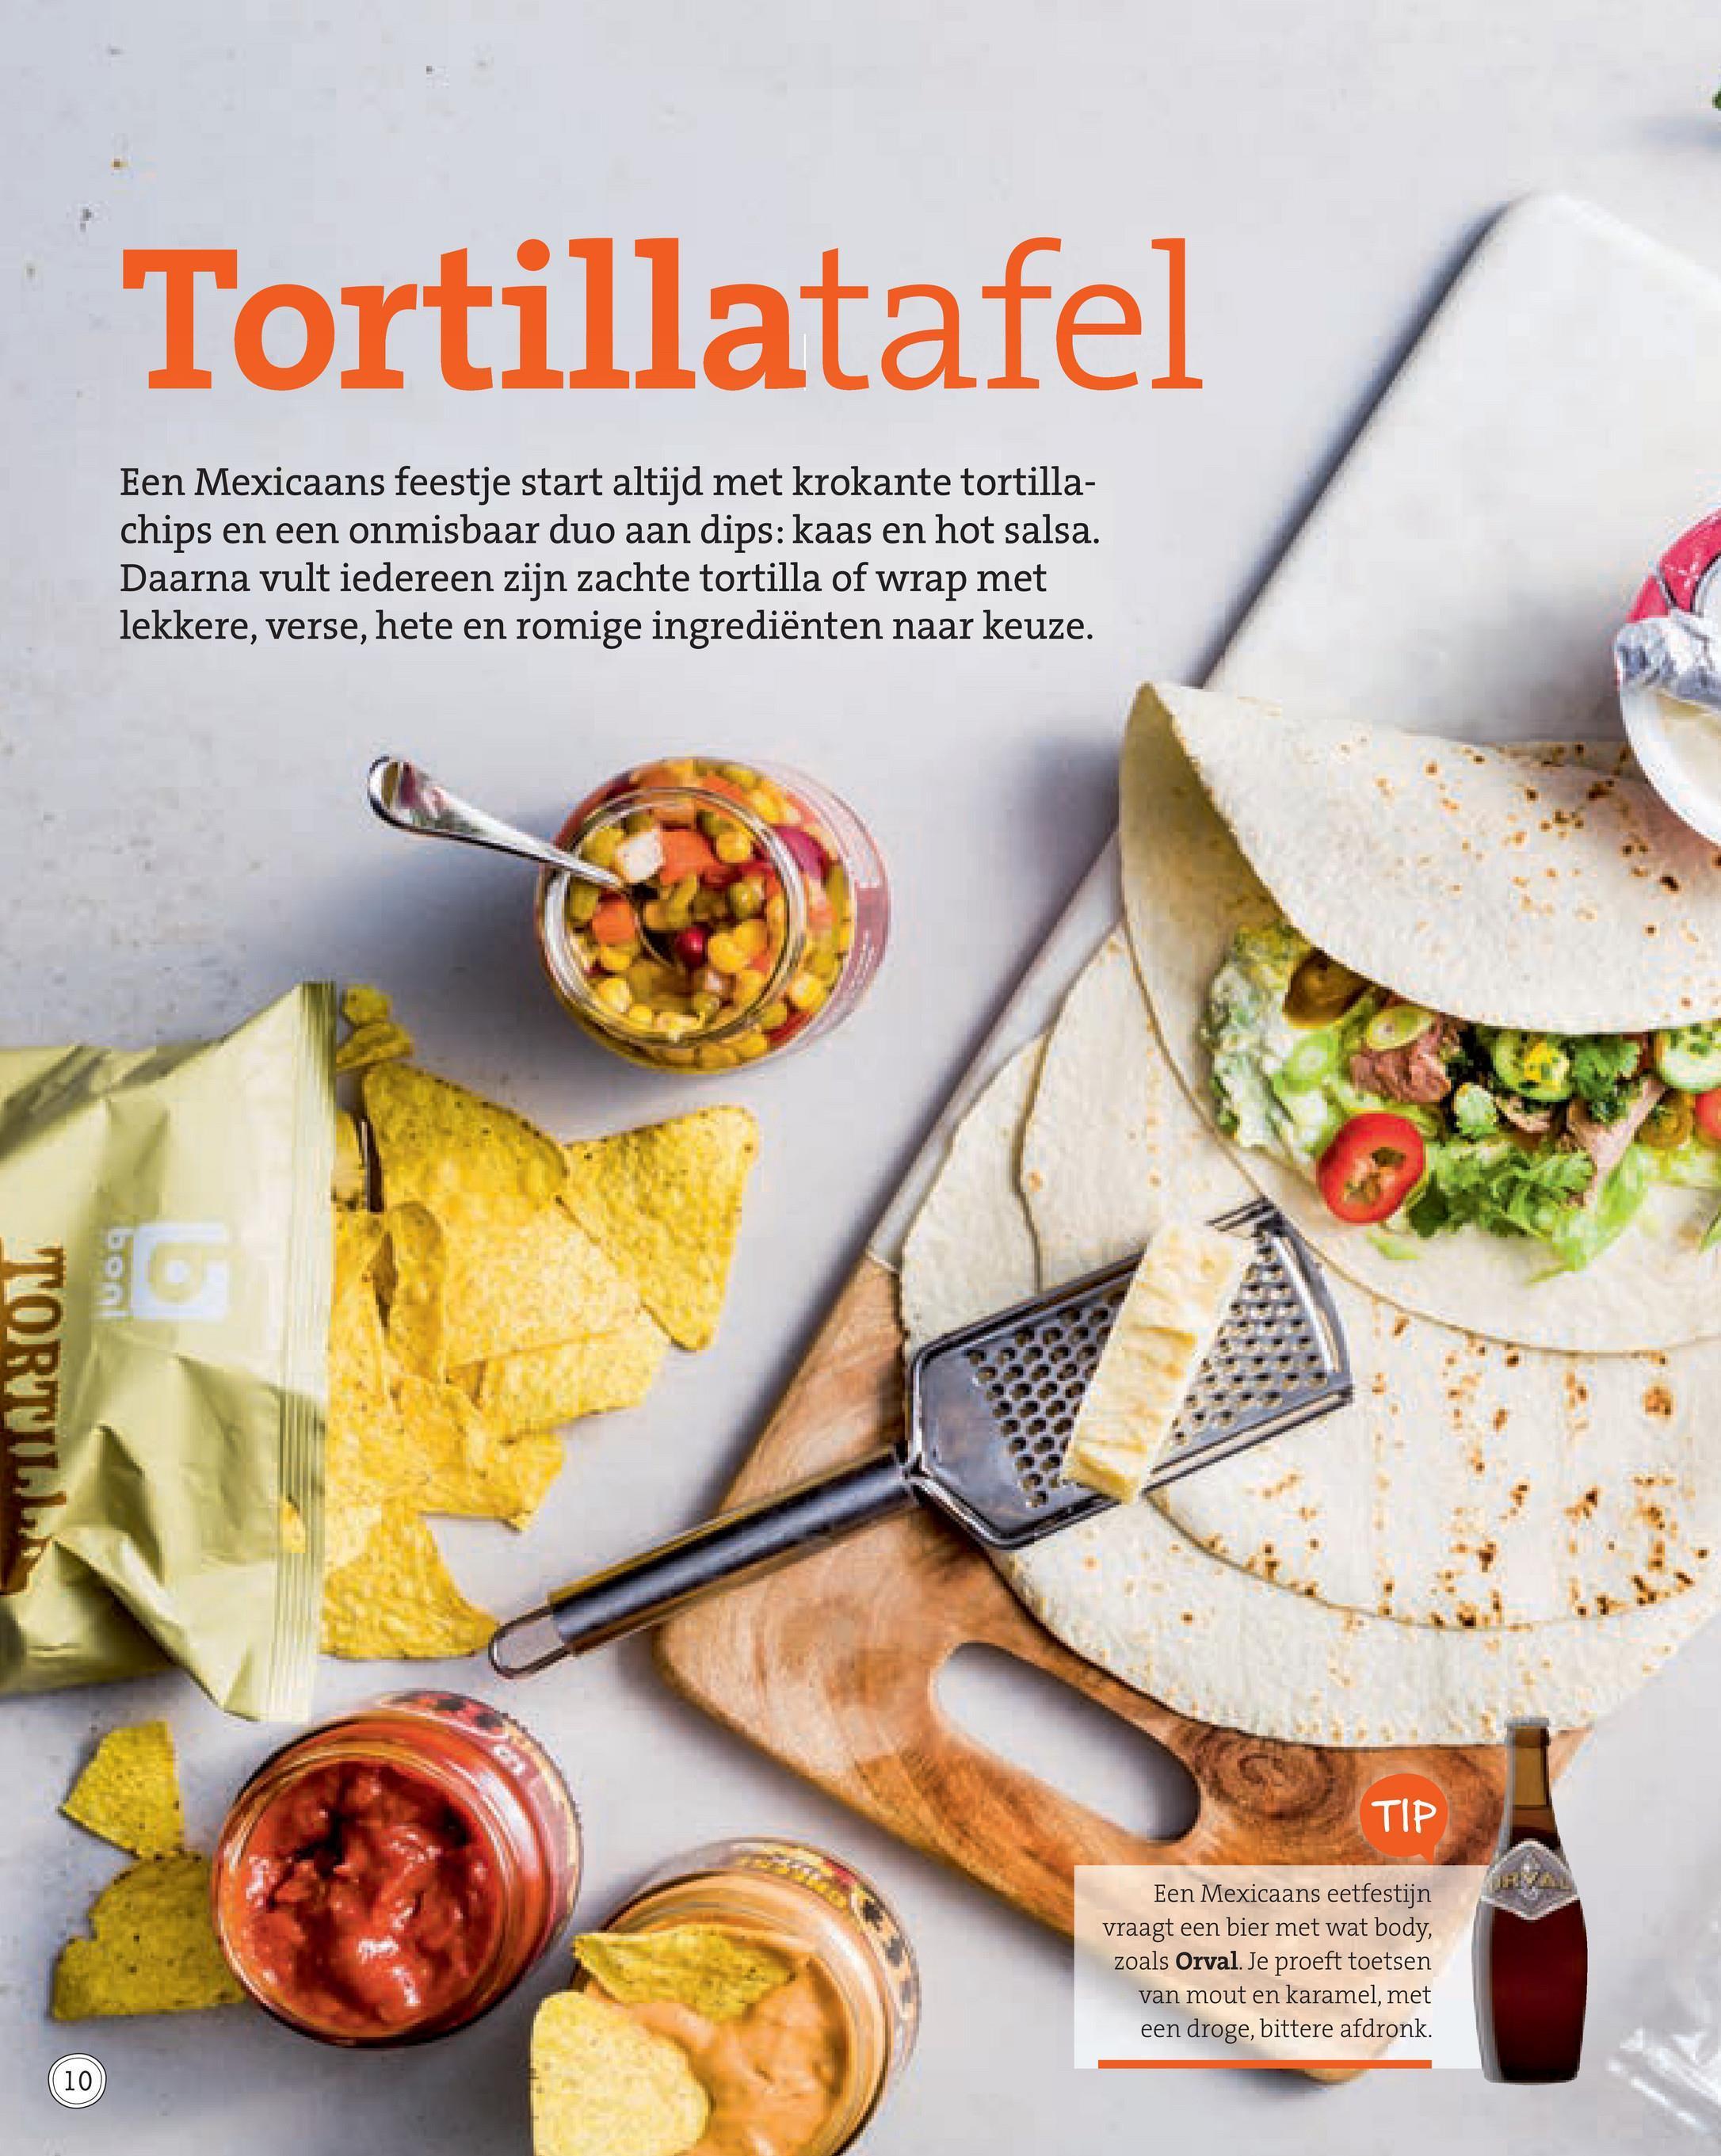 Tortillatafel Een Mexicaans feestje start altijd met krokante tortilla- chips en een onmisbaar duo aan dips: kaas en hot salsa. Daarna vult iedereen zijn zachte tortilla of wrap met lekkere, verse, hete en romige ingrediënten naar keuze. TORTUIT TIP Een Mexicaans eetfestijn vraagt een bier met wat body, zoals Orval. Je proeft toetsen van mout en karamel, met een droge, bittere afdronk.